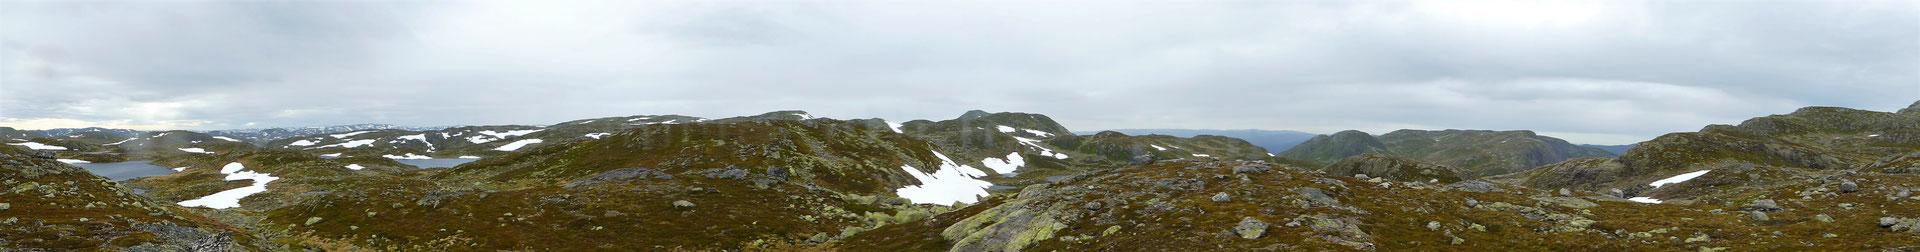 Panorama vom Sattel aus, man könnte über verschiedne Hütten das ganze Fjel durchqueren